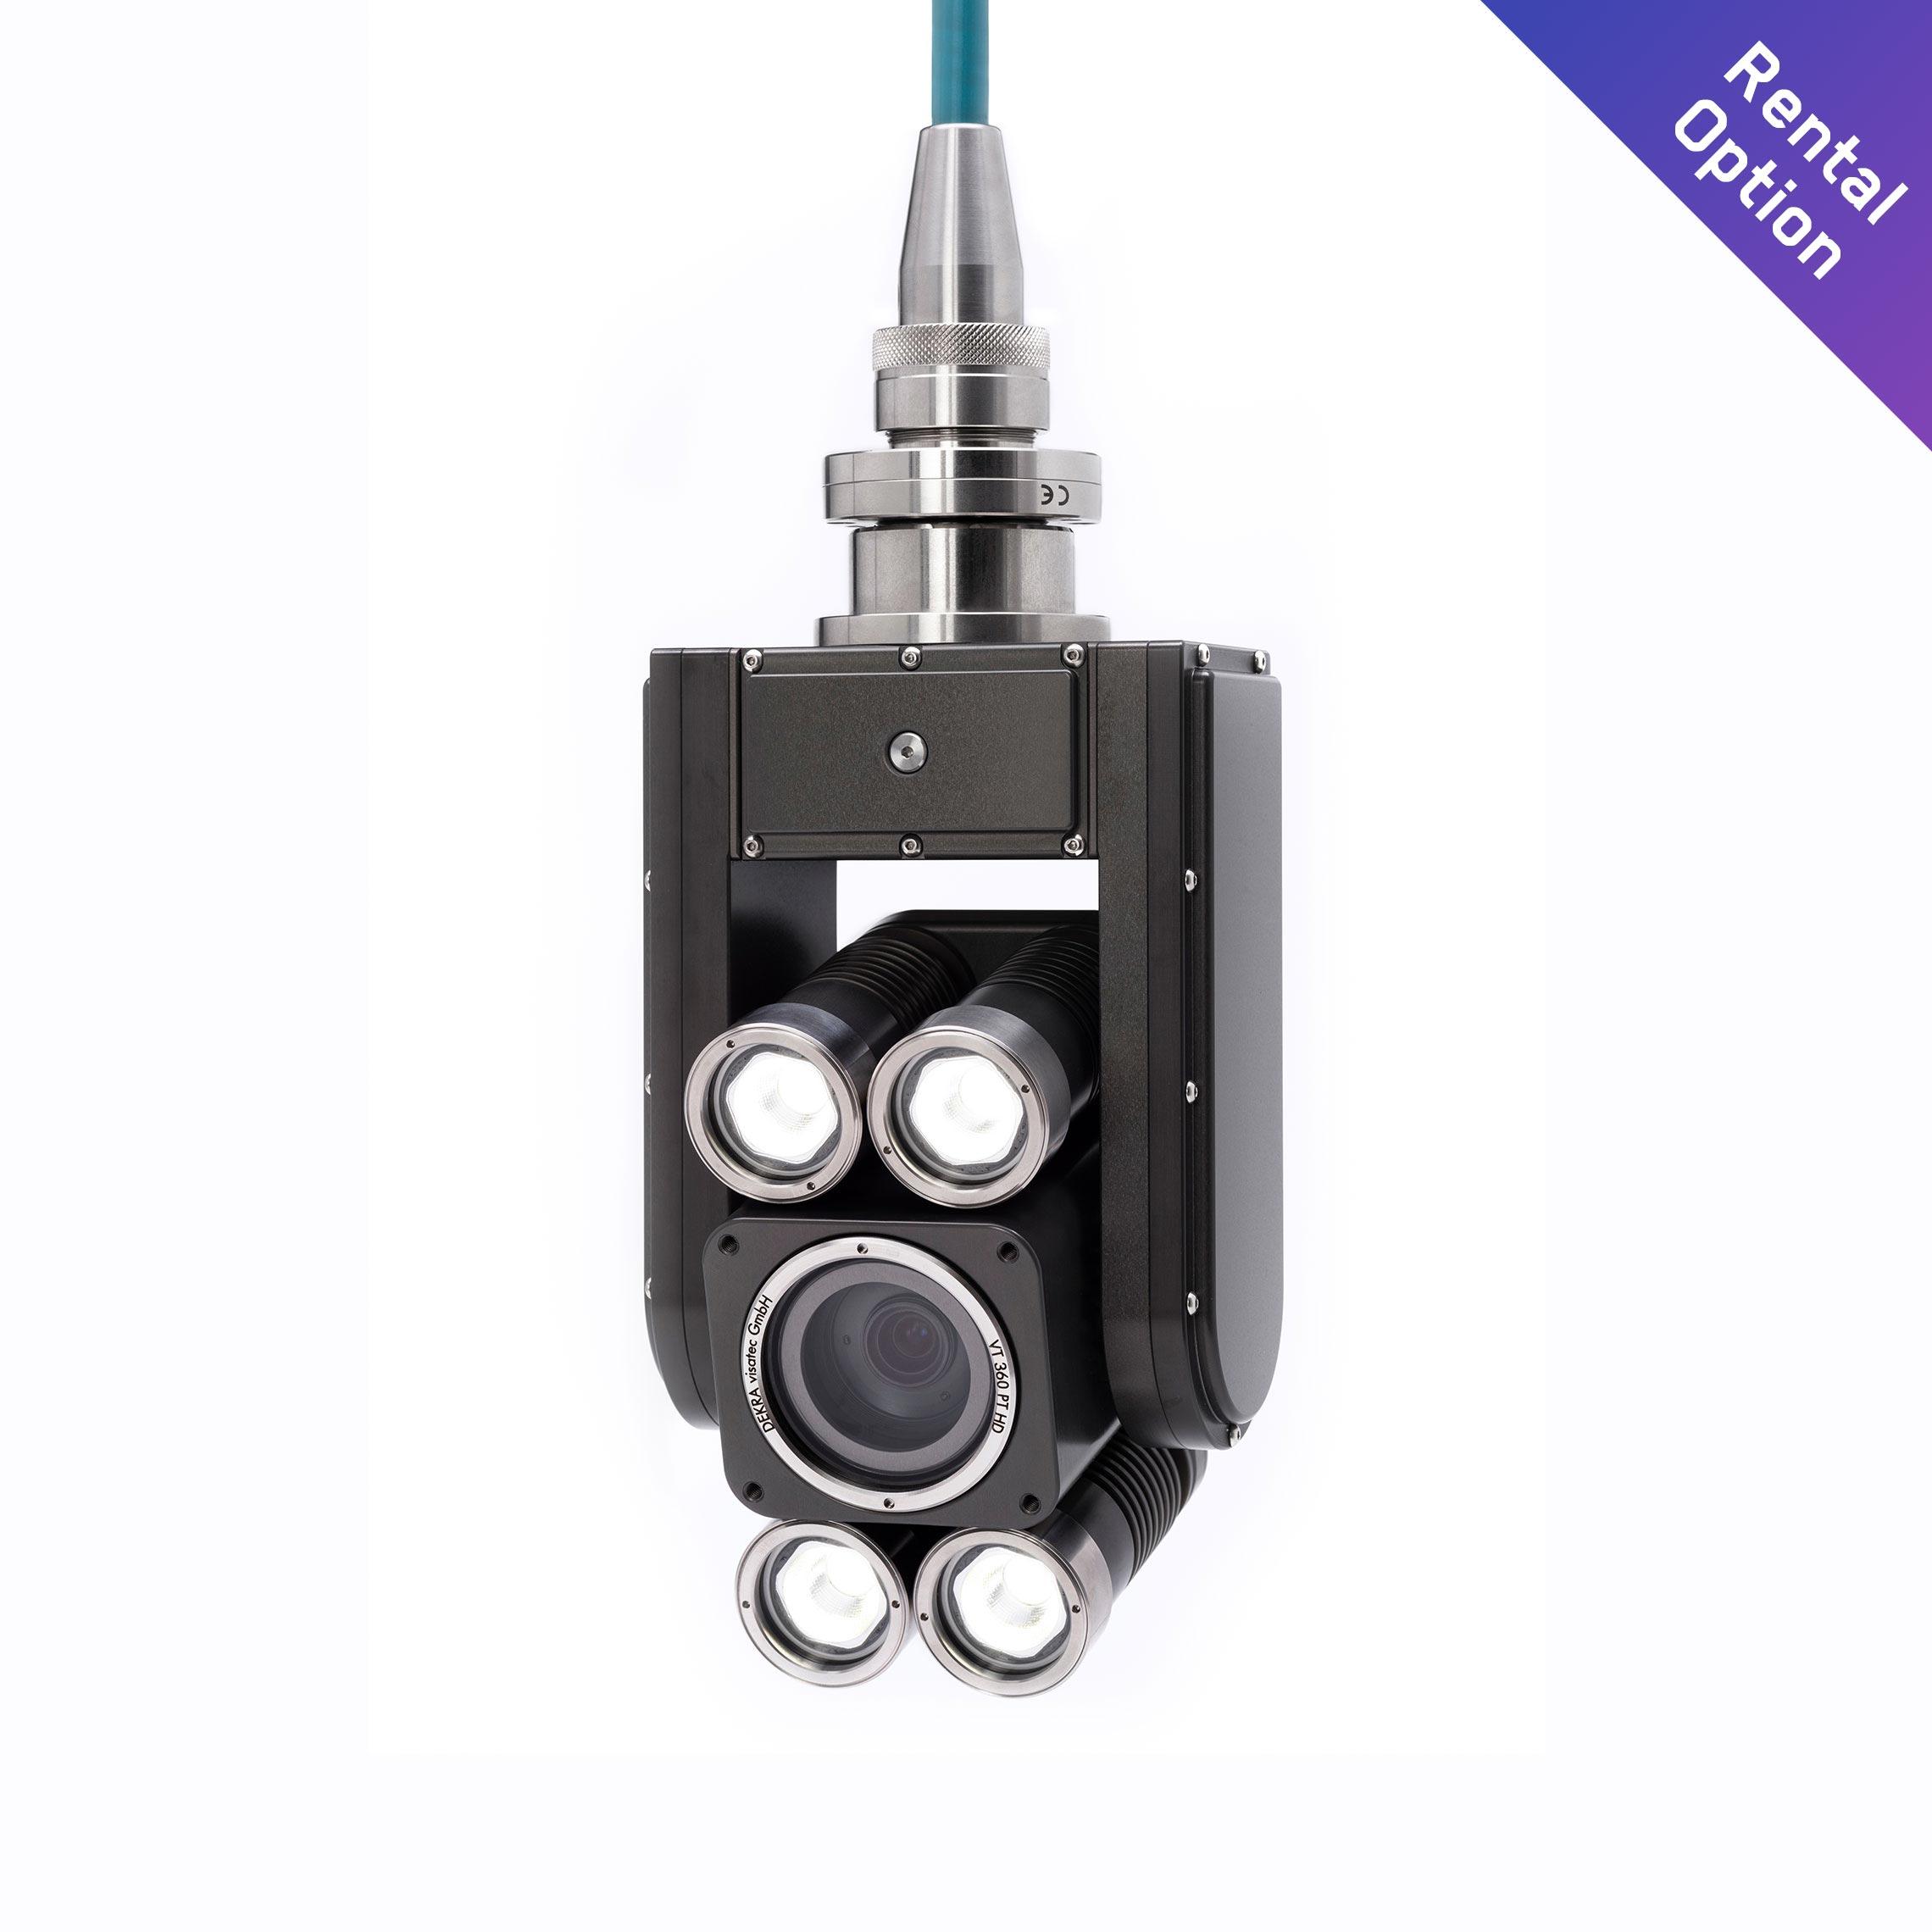 VT360 PTZ Inspection Camera